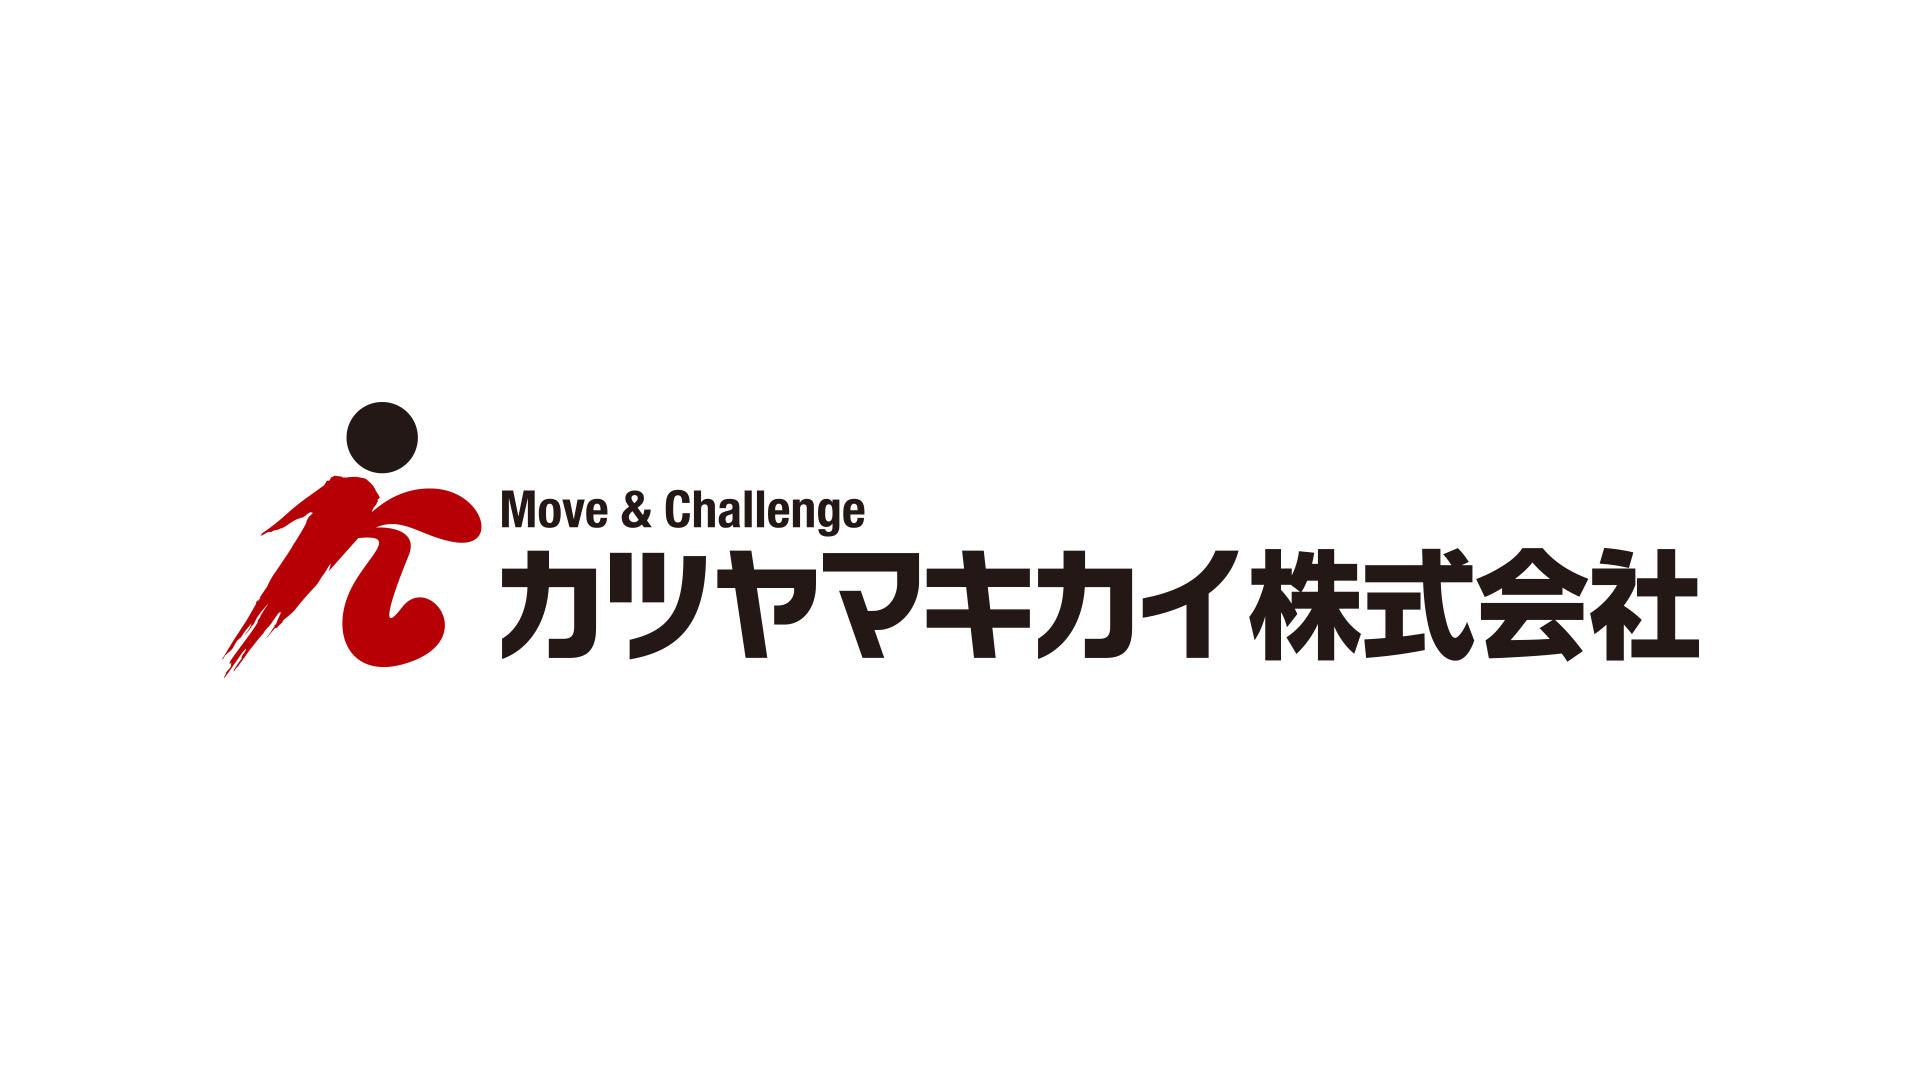 カツヤマキカイ株式会社